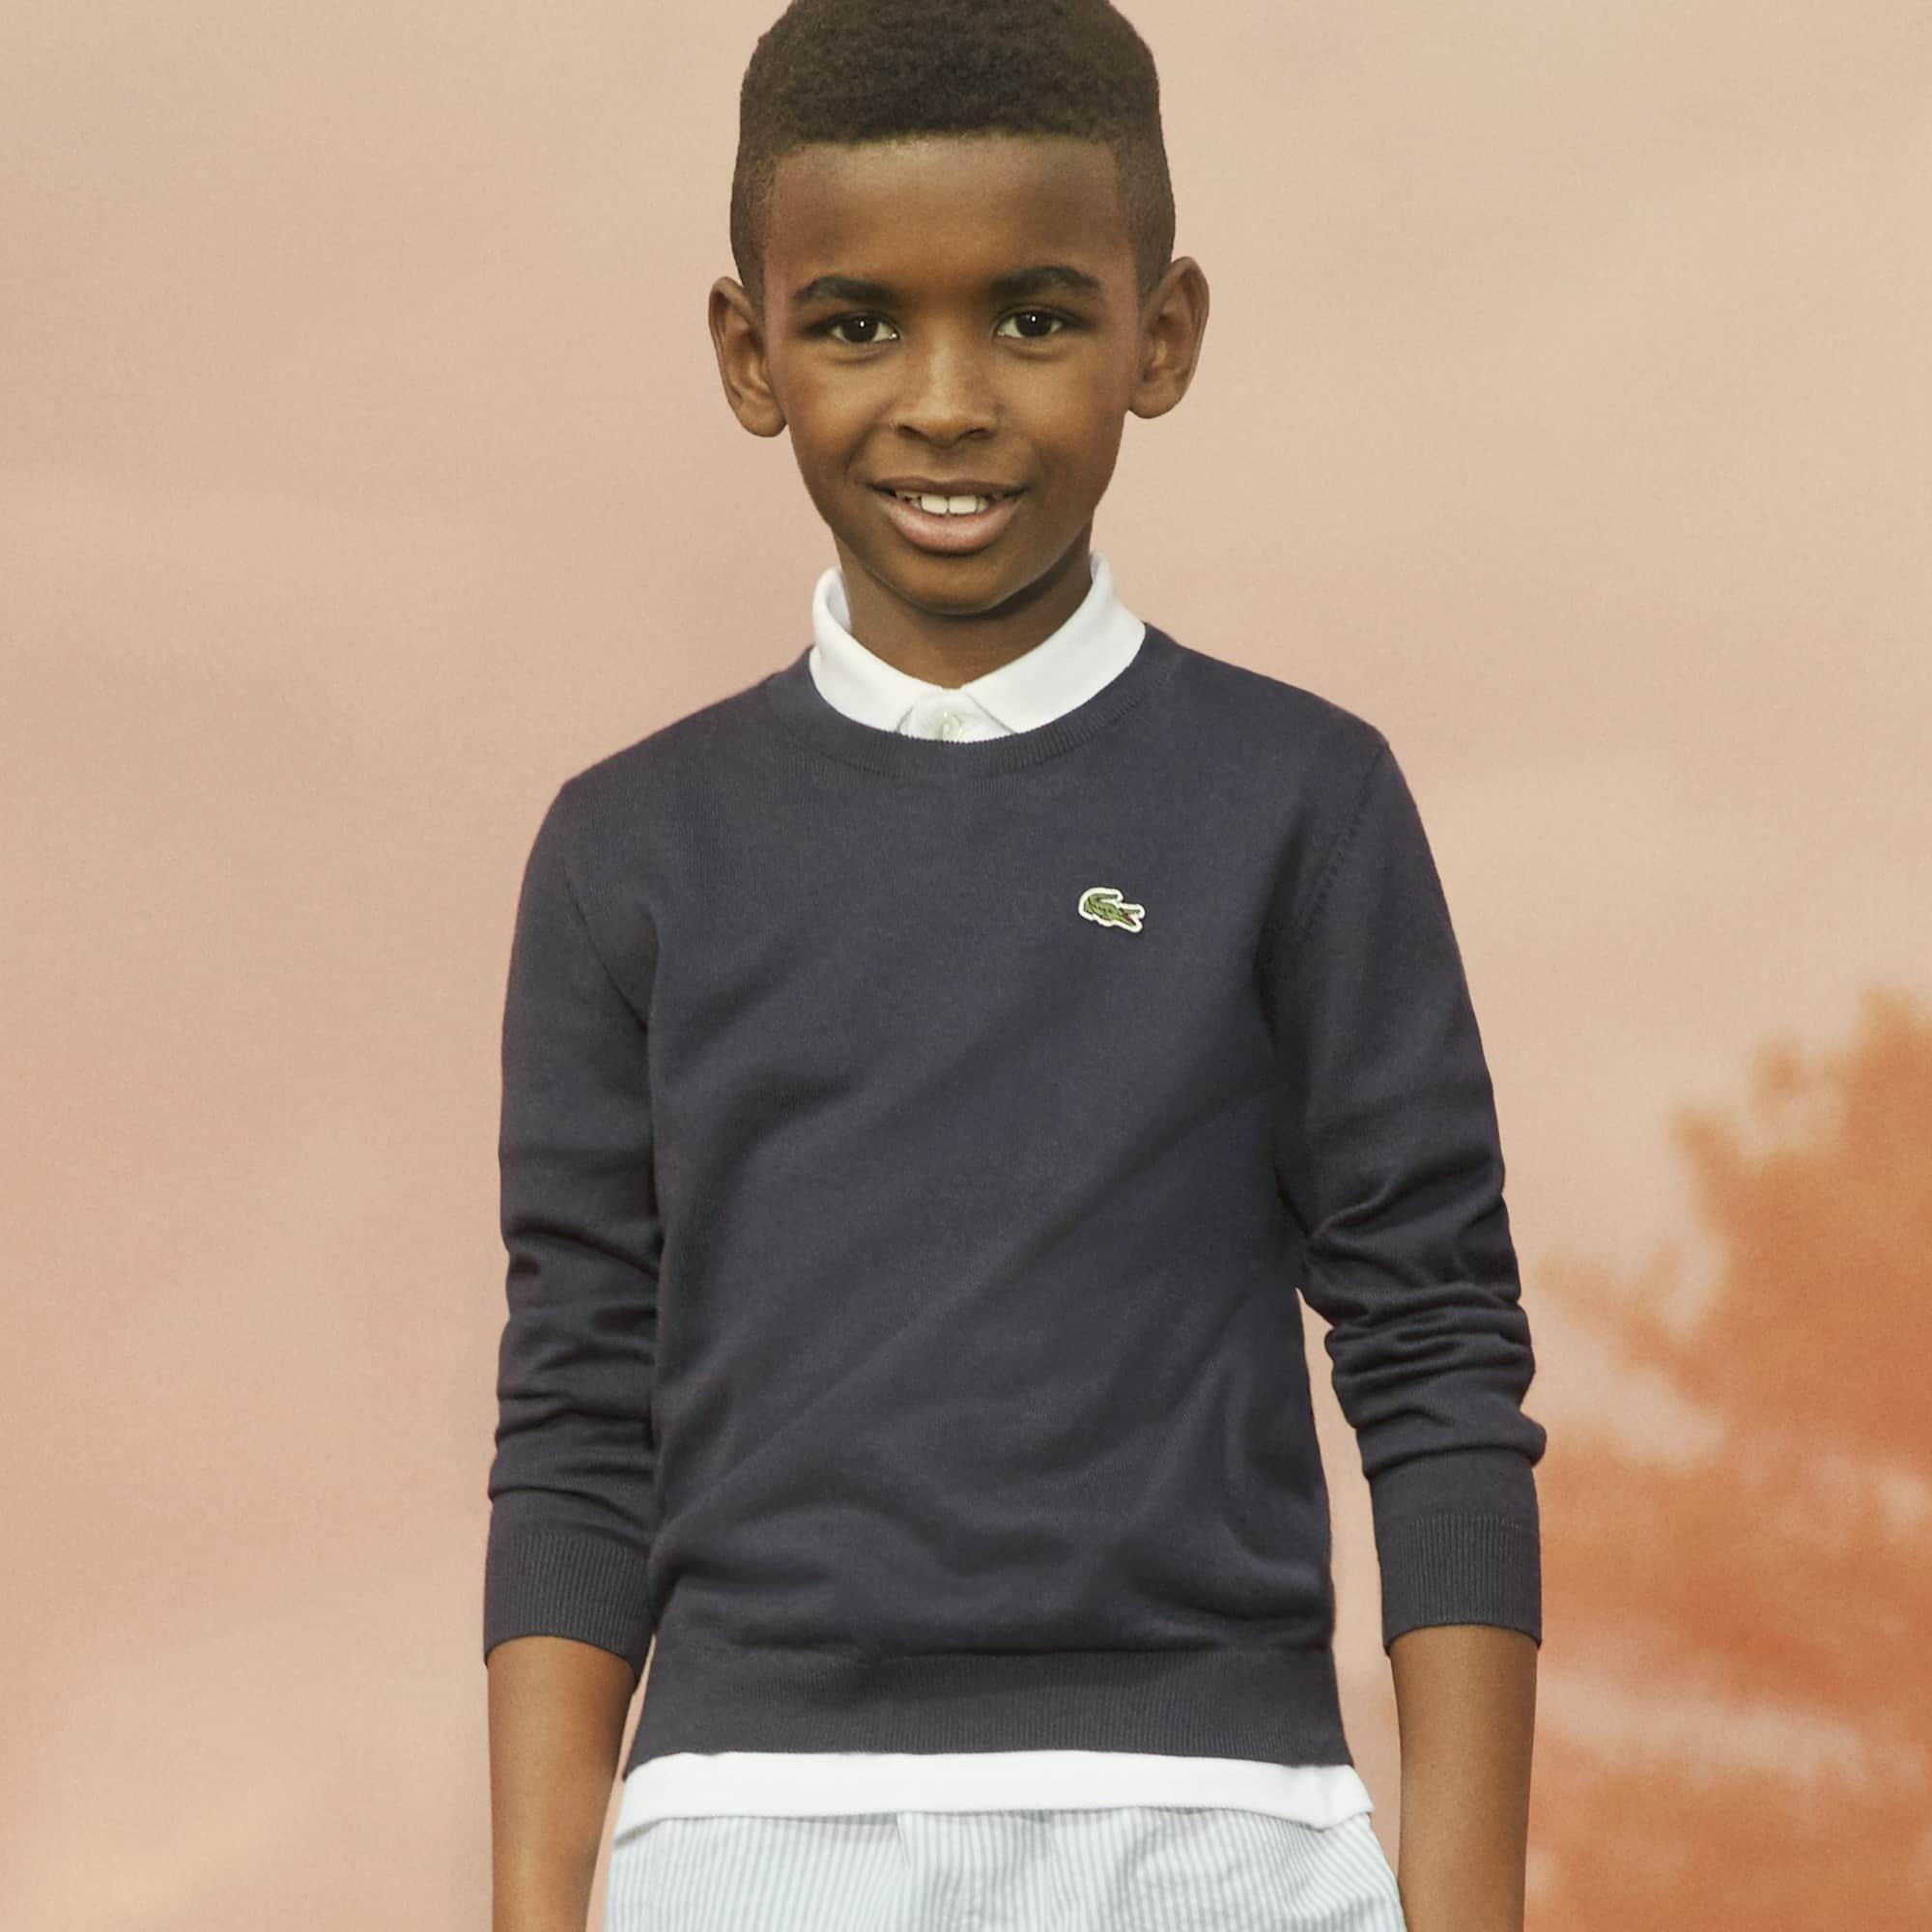 Jersey de niño de cuello redondo de algodón liso